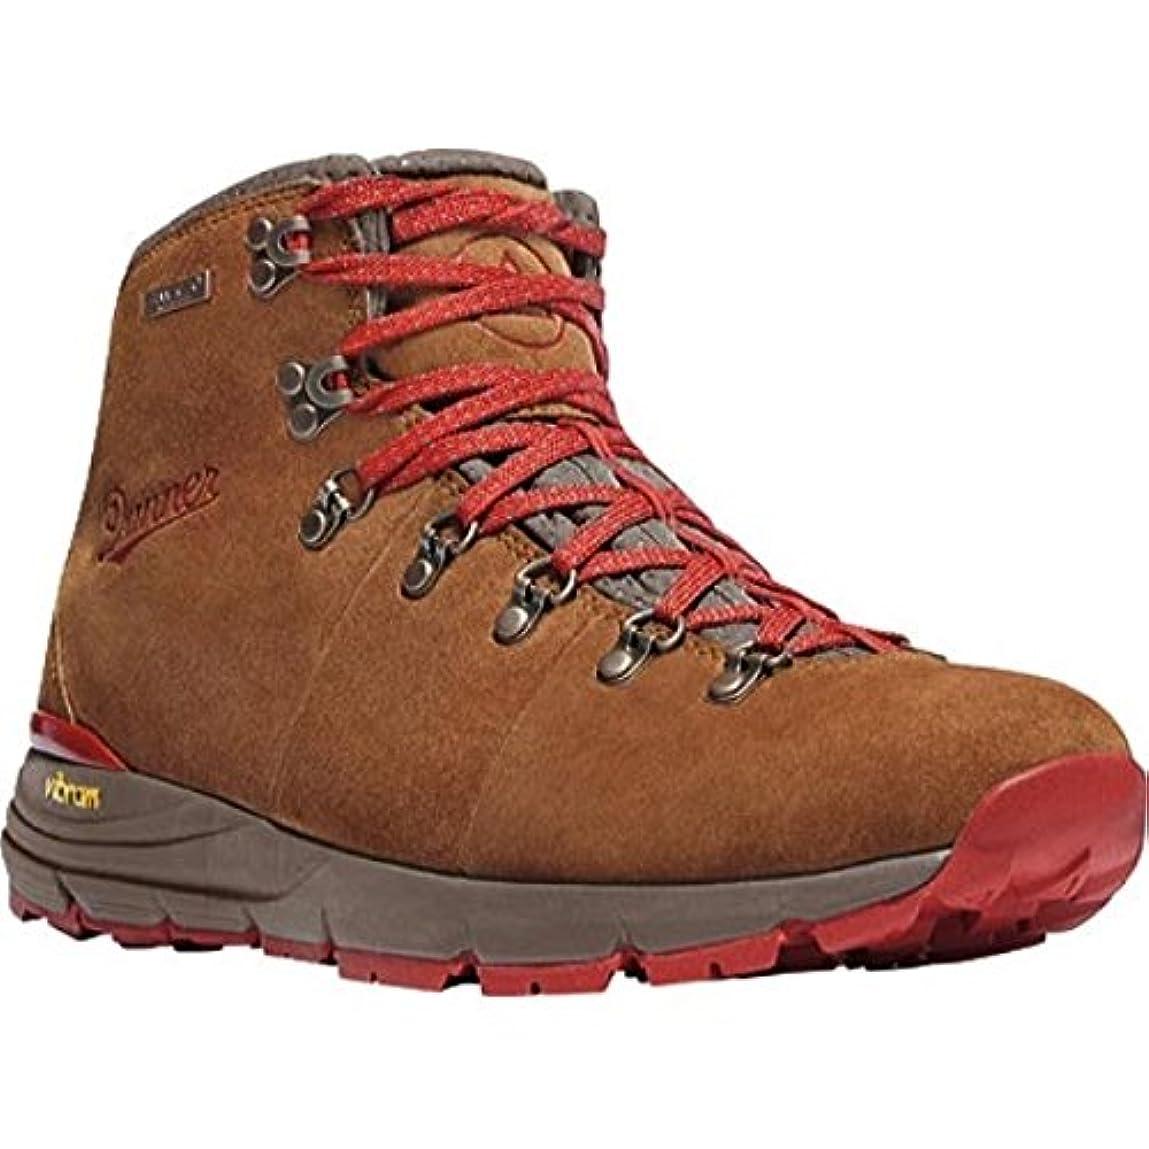 バリケード歯痛敷居(ダナー) Danner レディース シューズ?靴 ブーツ Mountain 600 4.5